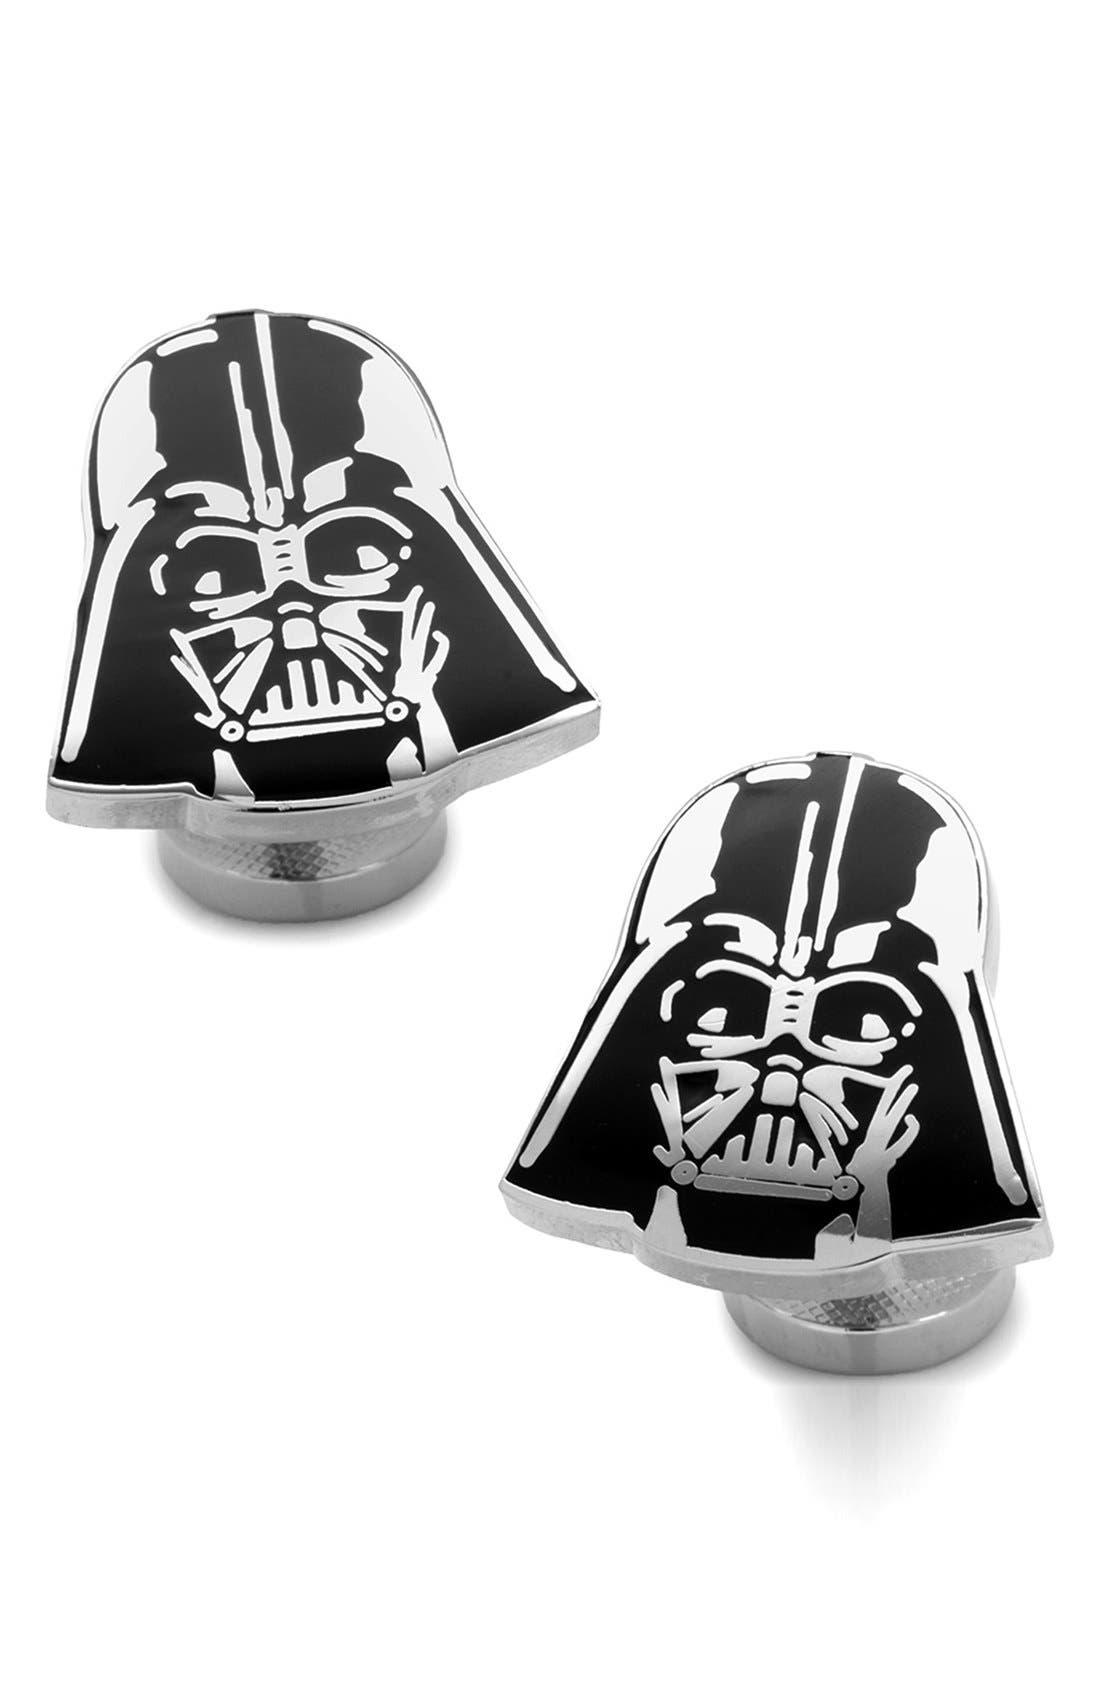 'Star Wars<sup>™</sup> - Darth Vader' Cuff Links,                             Main thumbnail 1, color,                             BLACK/ SILVER